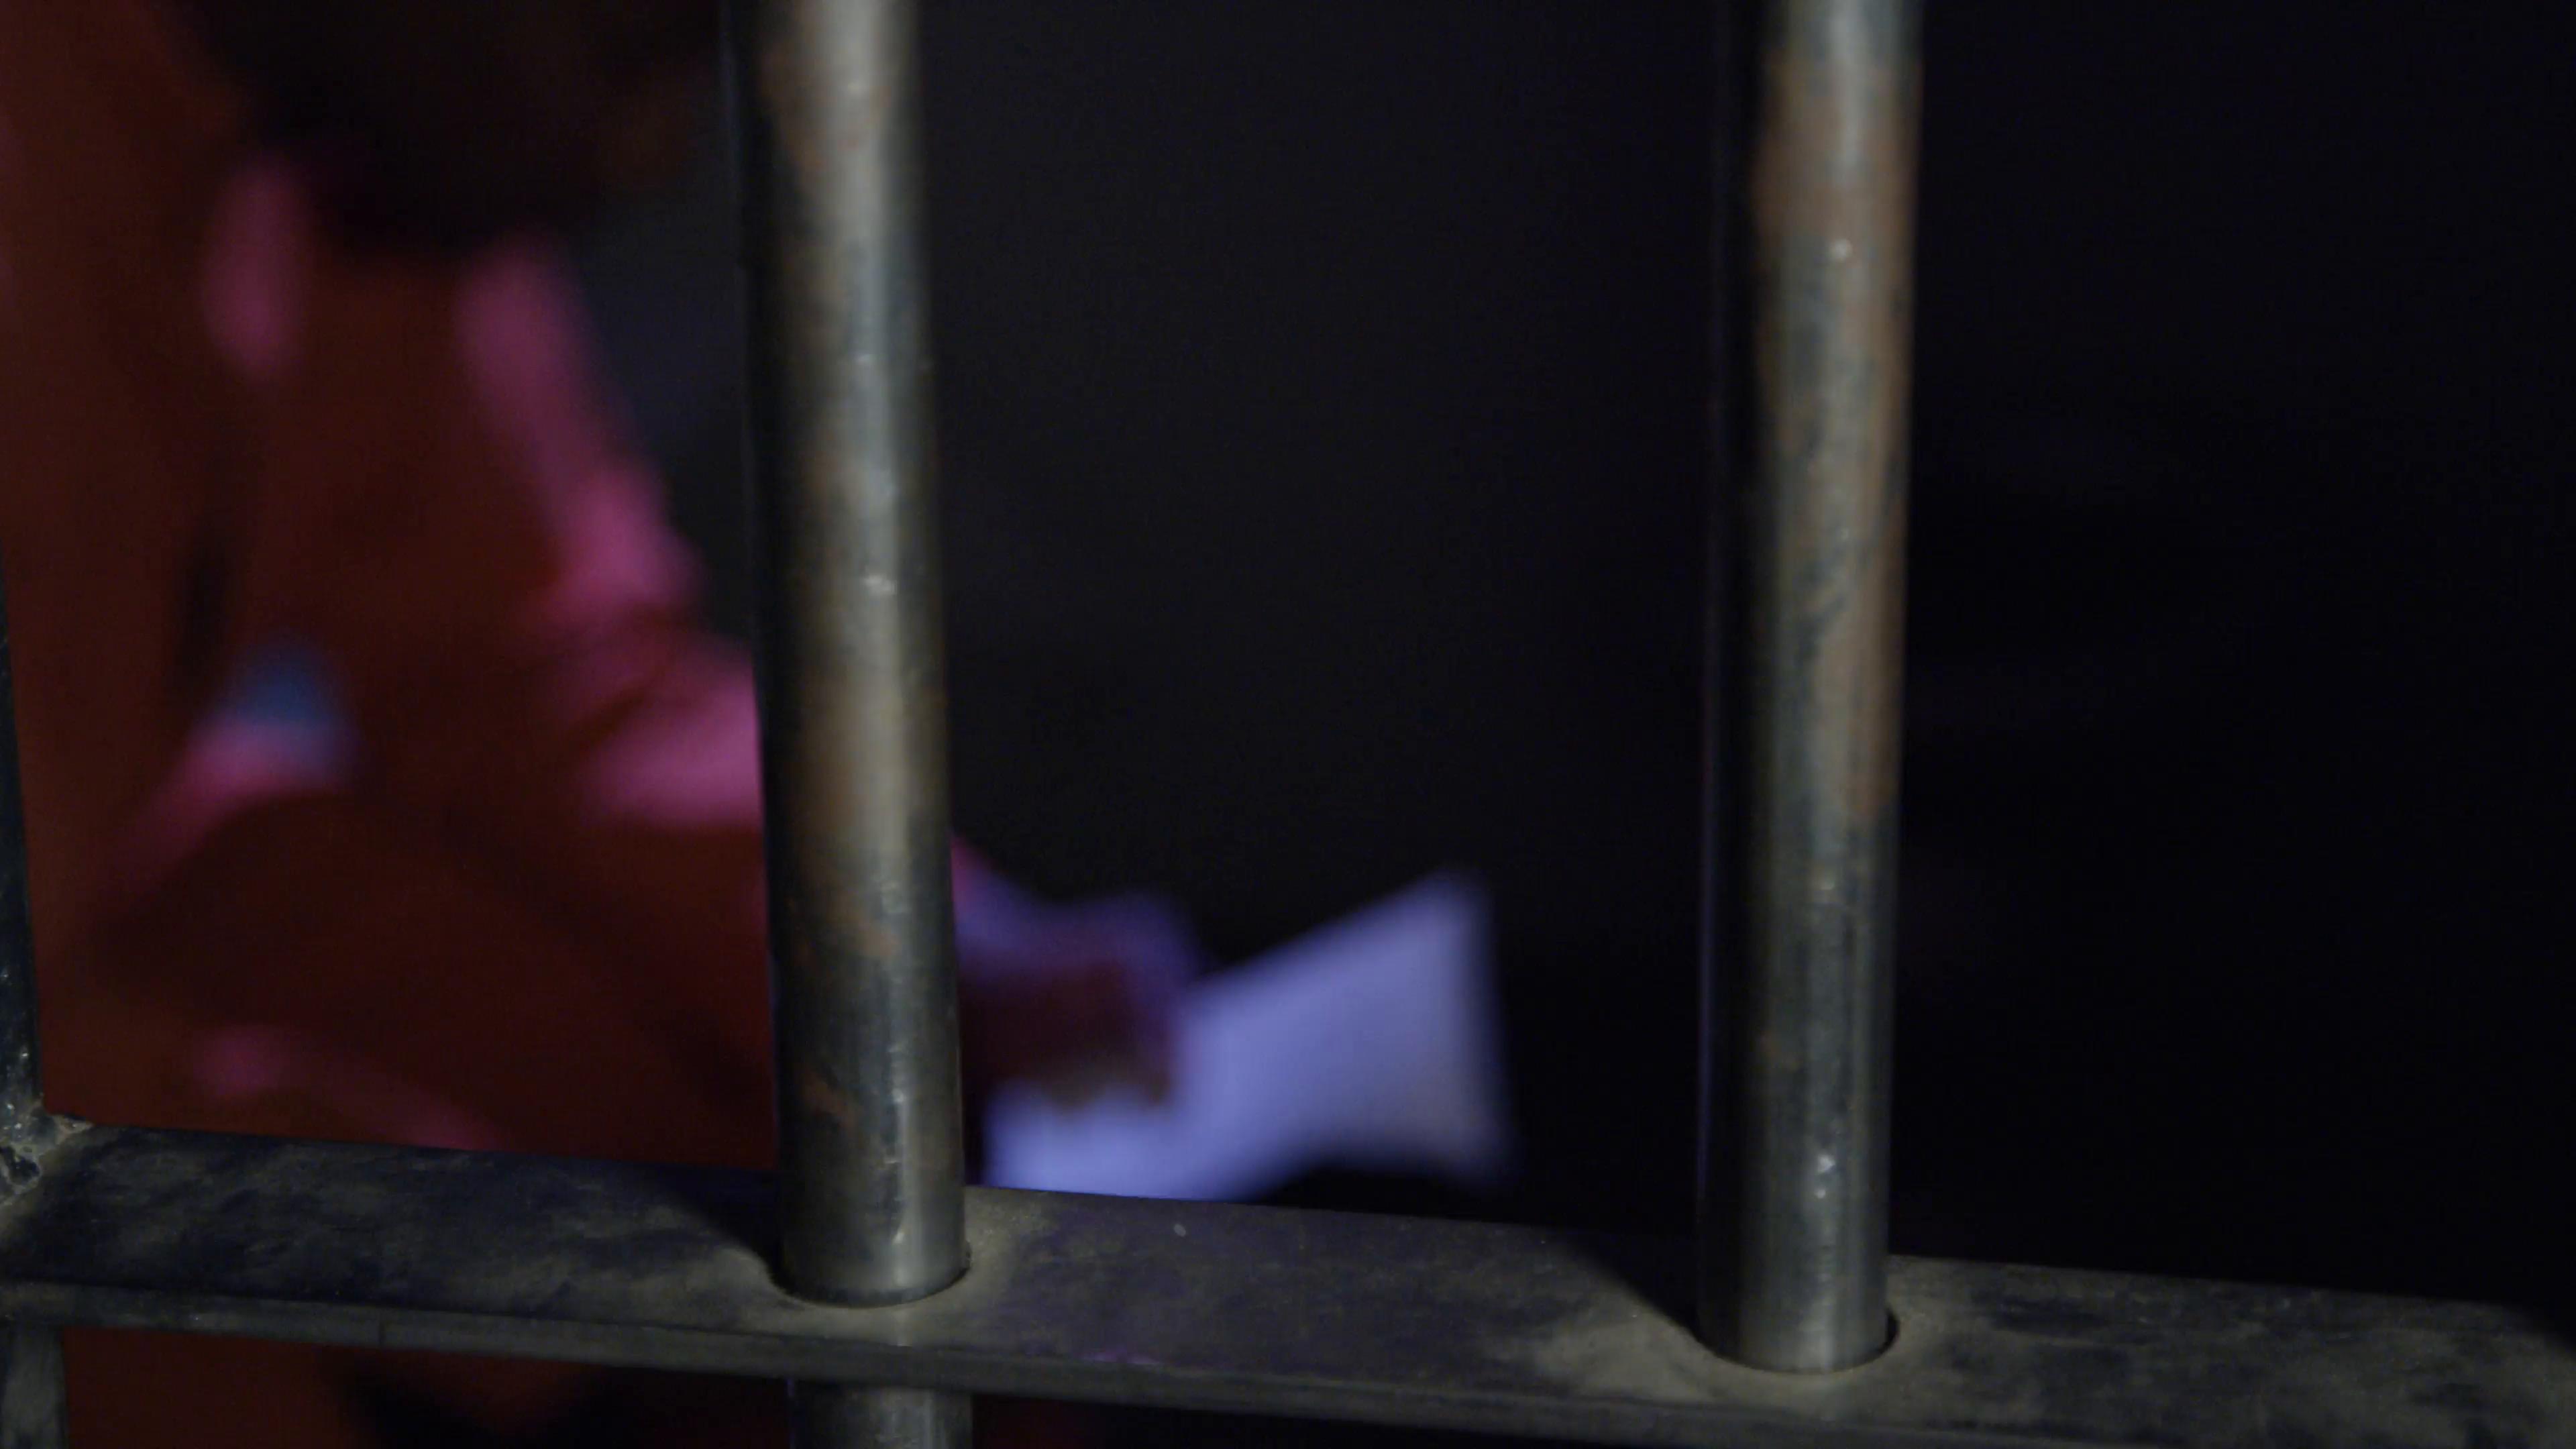 Leitura é uma das maneiras legais para redução de pena no Brasil   Foto: Ilustrativa